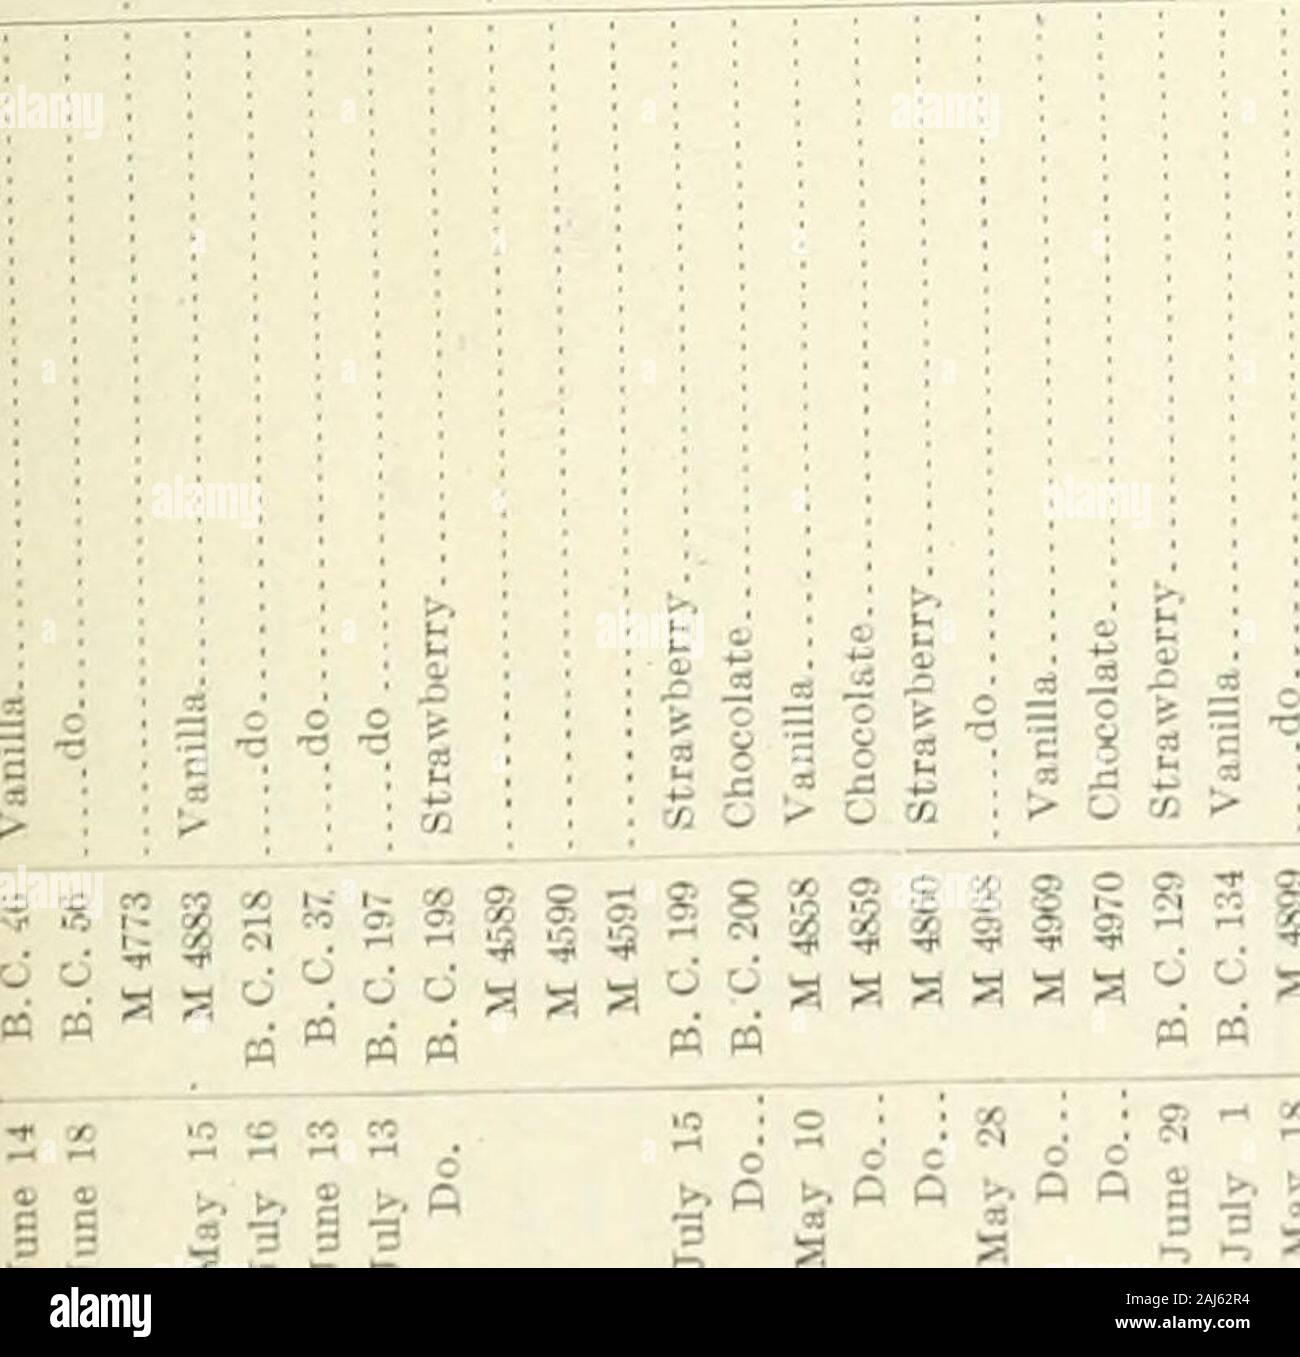 """Resumen de comentarios sobre el pharmacopia de los Estados Unidos de América, y en el Formulario Nacional .. 1905-1922 . i- i 3 A S I S5 ?* J J J S S 2 S S S J J J J *-^ai-i->un 307 +II++I+I+++++ ++I+II+III+II I II g -e s e t^ ^ ^^^ ^ t 7 d """" o. """"^ S. O S 1 S *:S"""" Z s s s S. S. IB SP,P,S-p.SP Ss § 5z s oz s p. p. •V (M ?- z 1! Z : 1. : Fe Z i i o s s. z 1 : 1 50Z z00QO QOOOOgQQQggQgOQOO ?o fc 2 ?"""" -o o -i a s ^ O .2 S .""""? U Oi > c 8 == 2 e ?un S5 o. o 1/3 M es i=g c m > 8 ^ Entonces p >o s s o t o"""" pa sj """" ^ ^. 6 W """" OS S S """" 3 2 2 lo s i t i o 3- H, Hola H, >-, I O S, S Q S 3 § Foto de stock"""